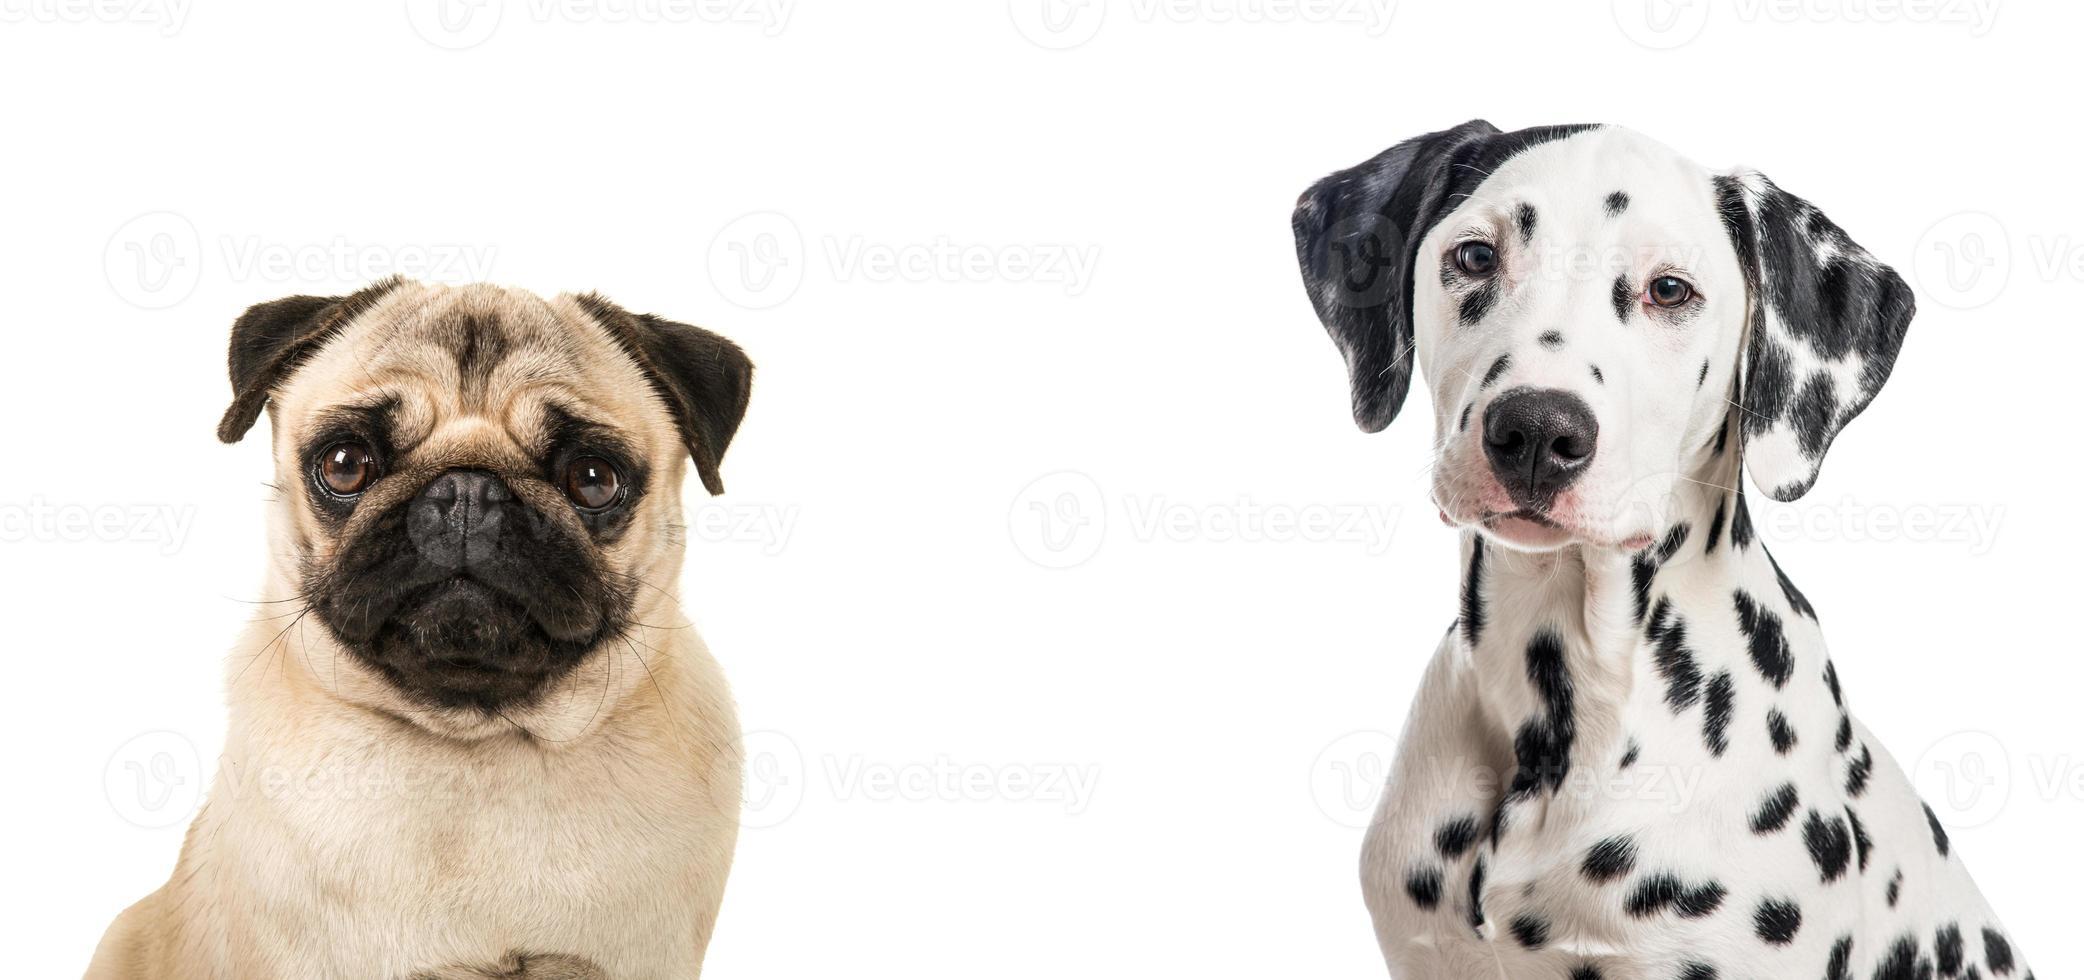 dúo retrato de dalmation y un perro pug foto